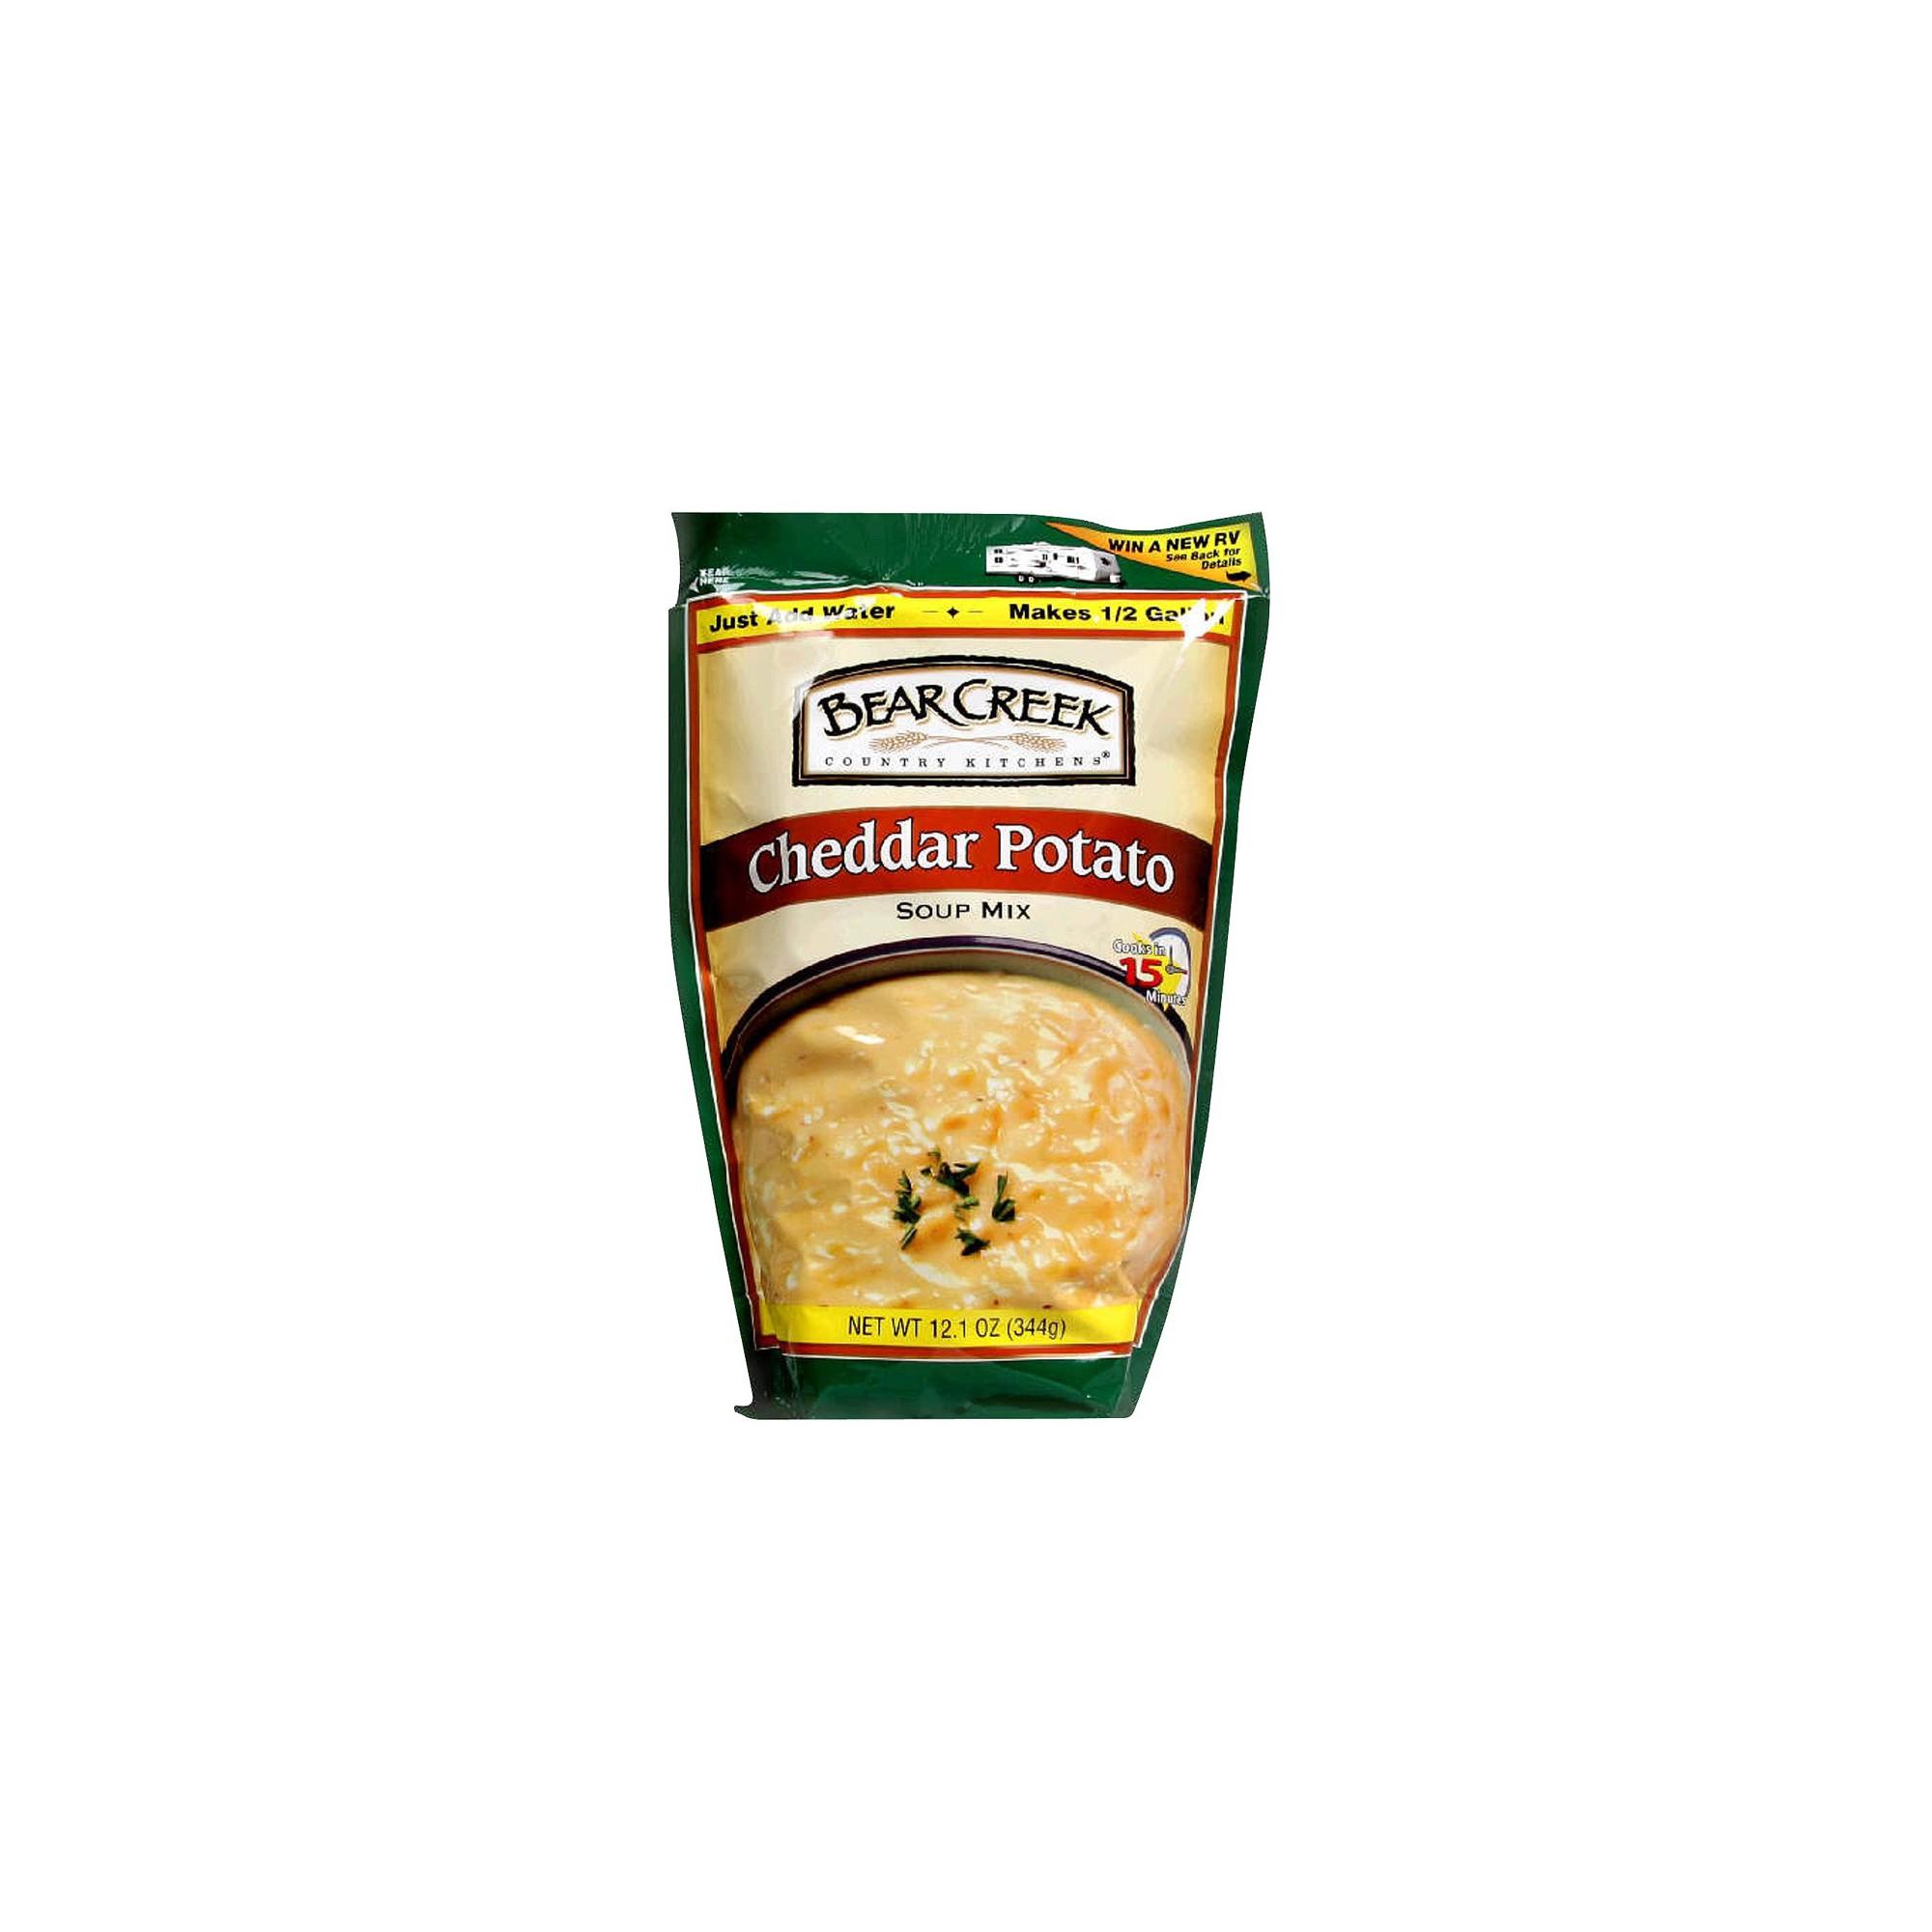 Bear Creek Country Kitchens Cheddar Potato Soup Mix 12.1